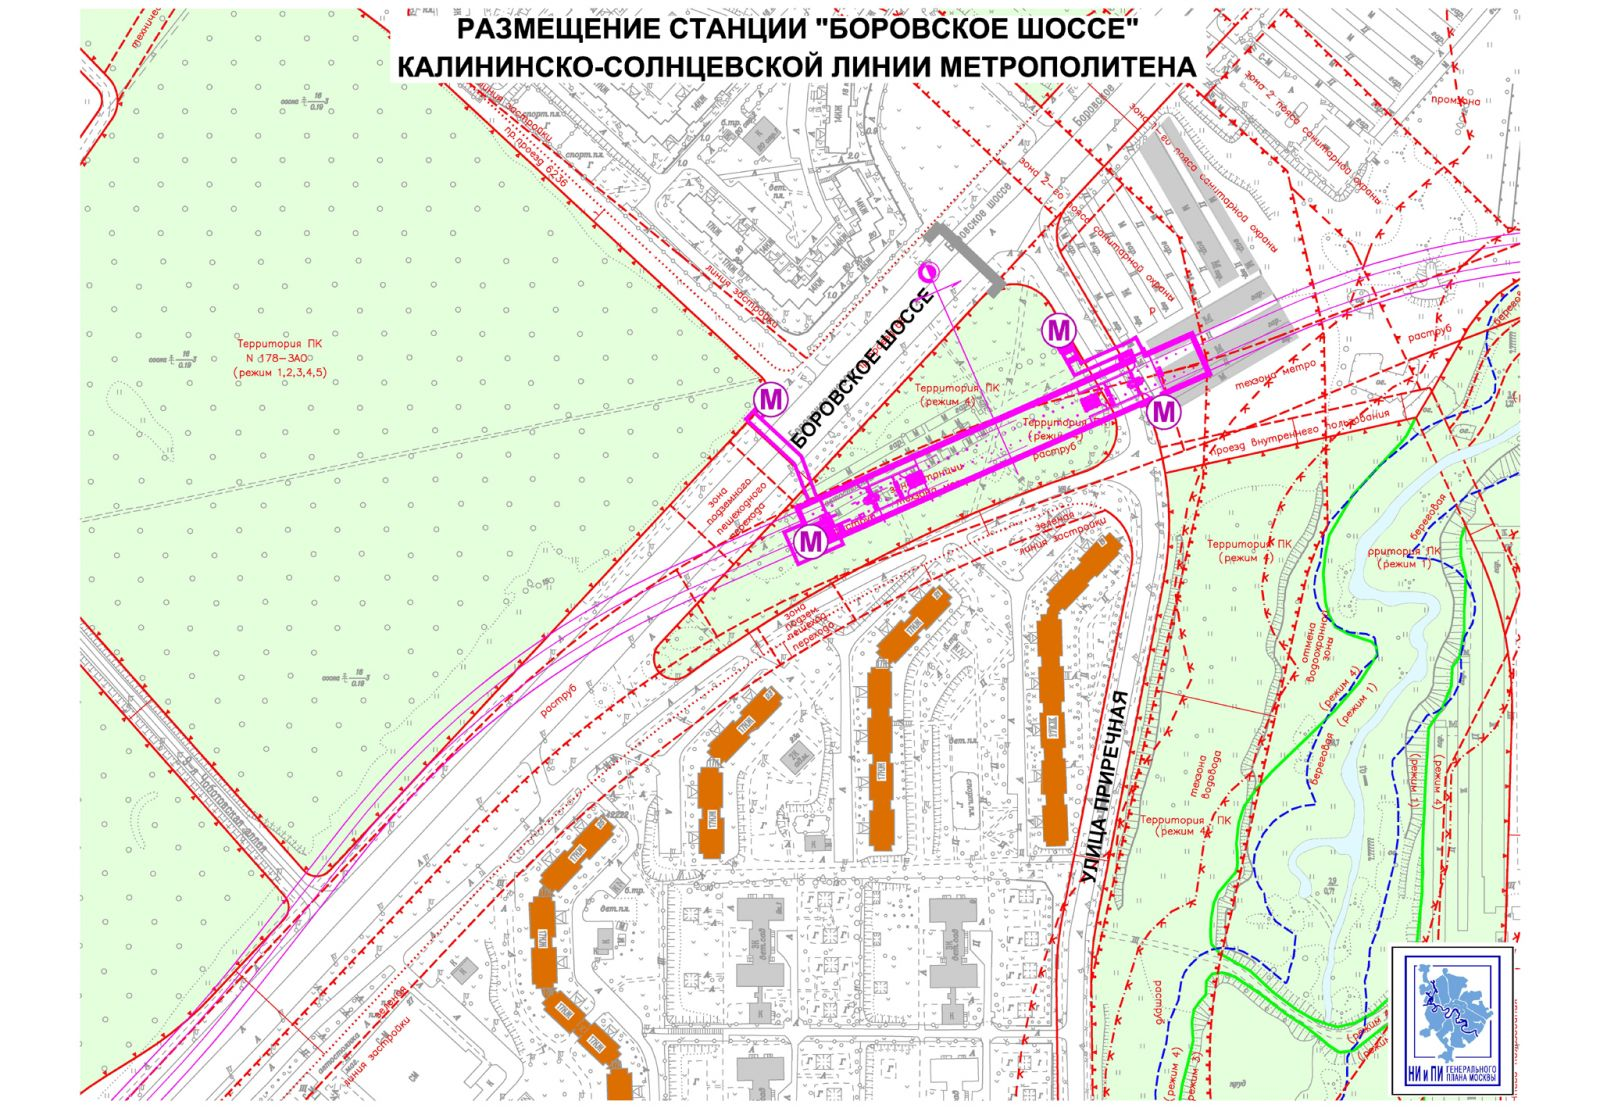 реконструкция боровского шоссе схема